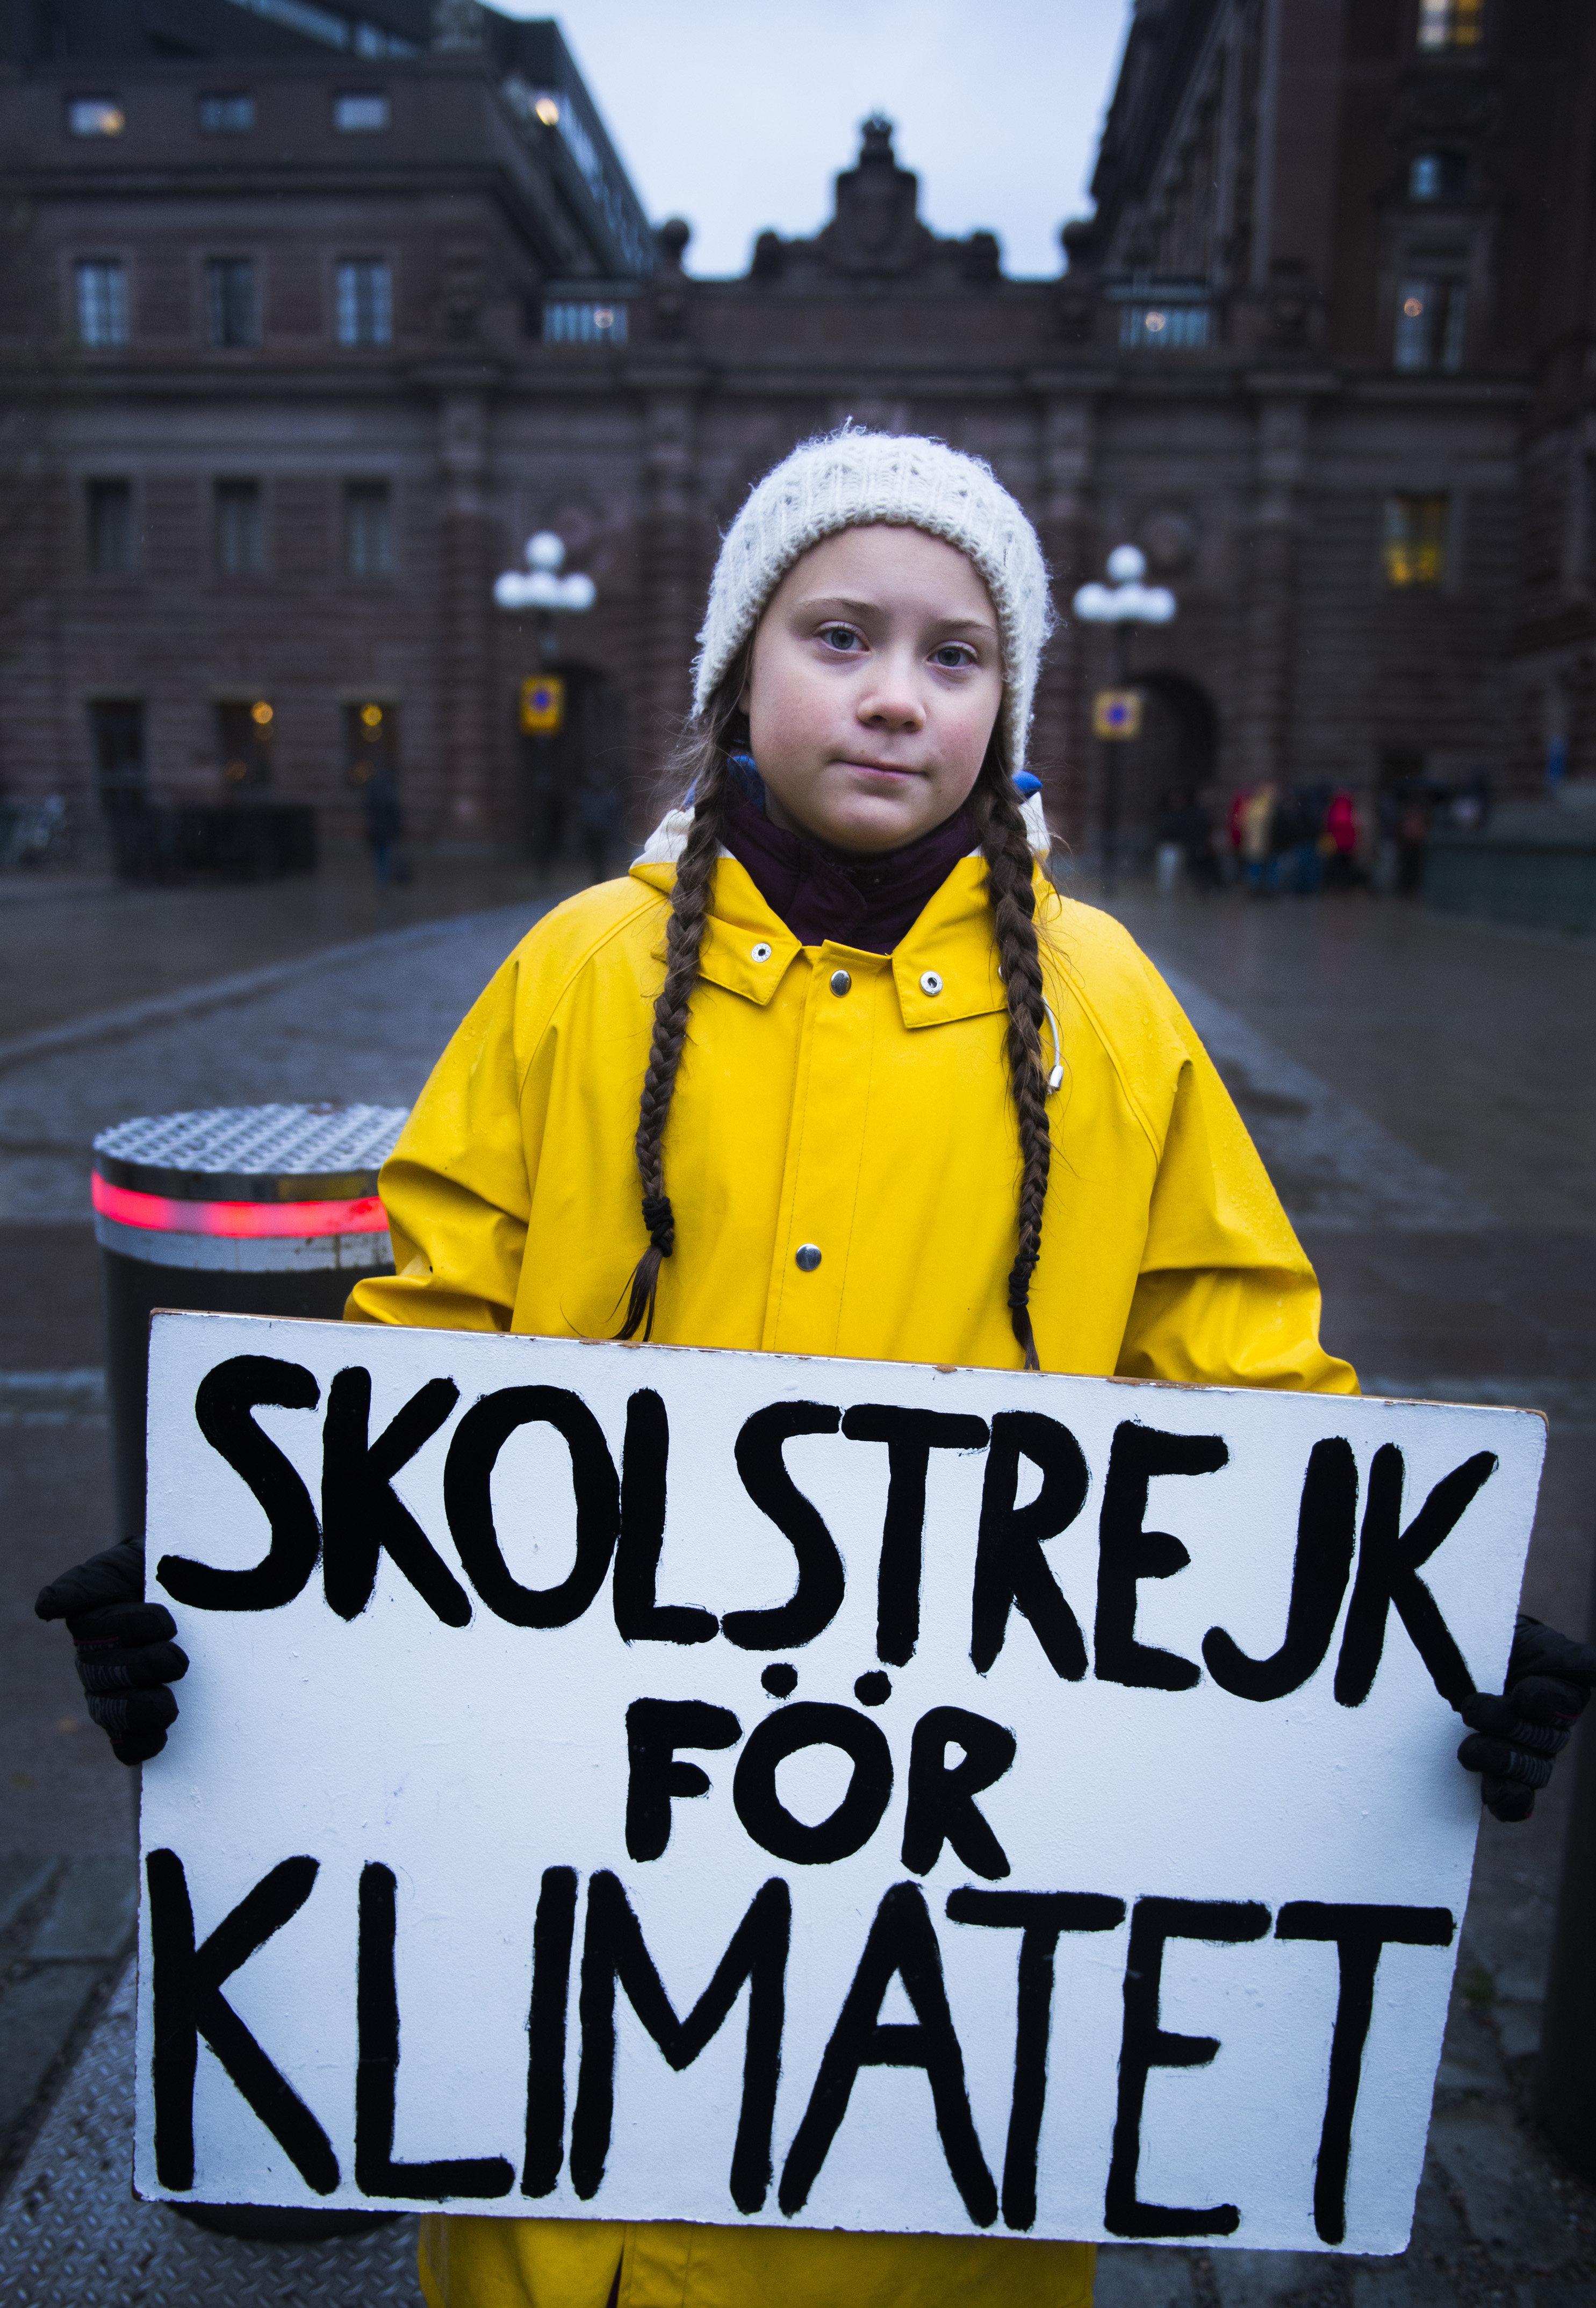 스웨덴의 16세 소녀가 노벨평화상 후보로